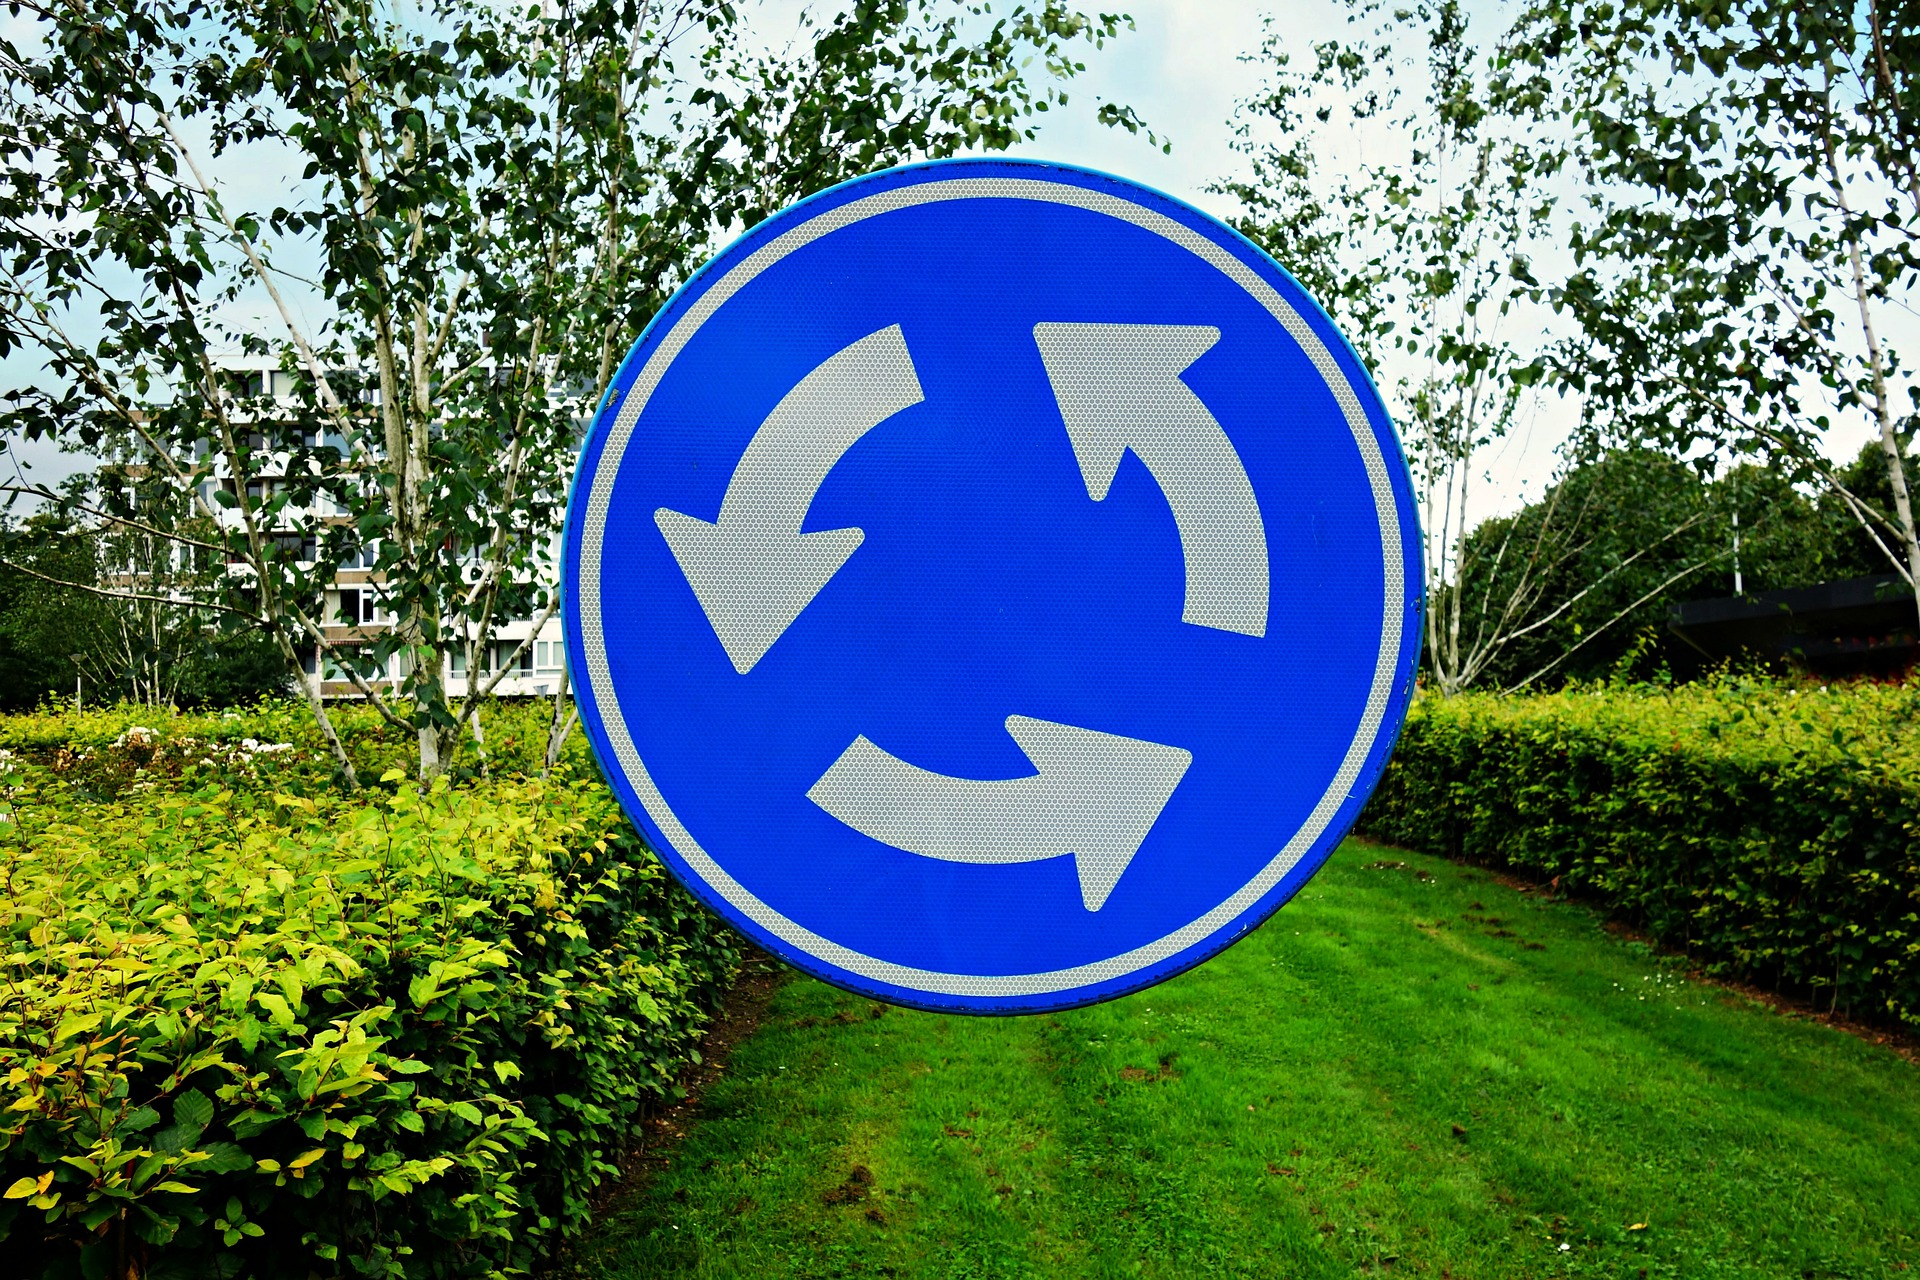 roundabout-1558430_1920